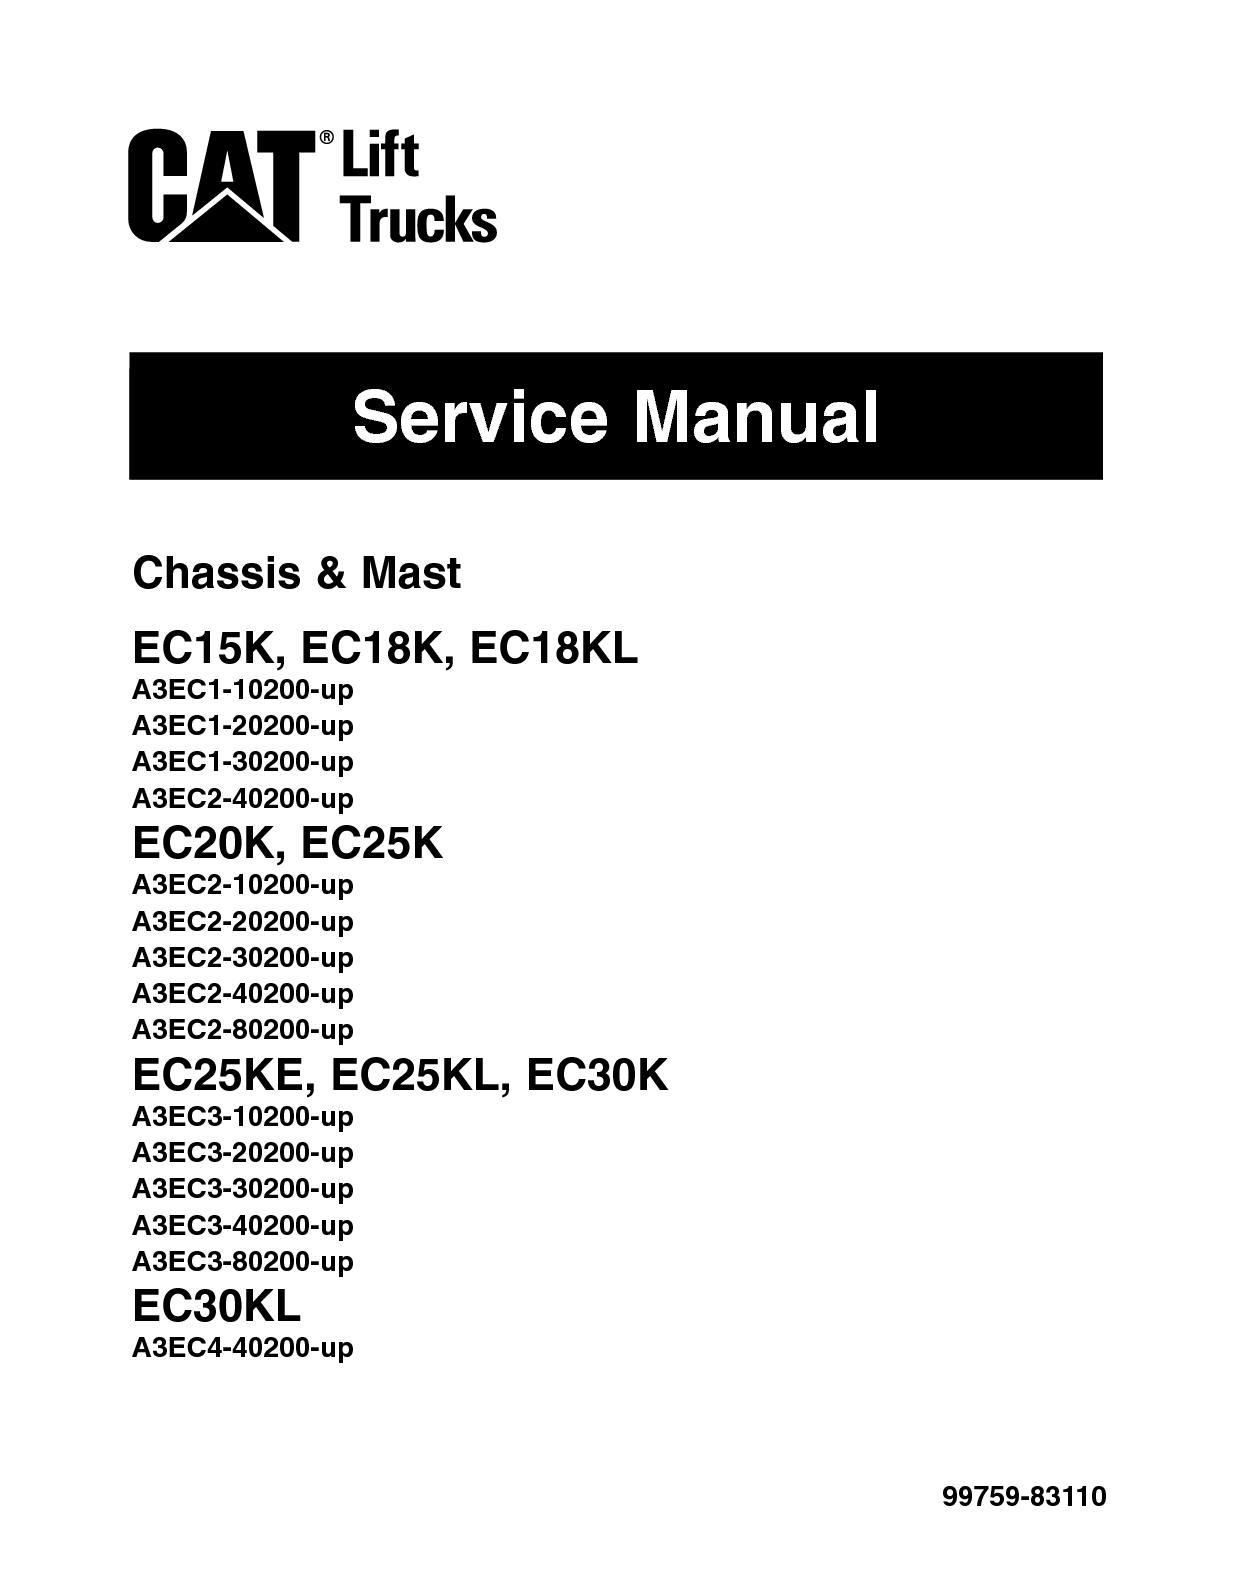 Calaméo - Caterpillar Cat EC20K EC25K Forklift Lift Trucks Service Repair  Manual SNA3EC2 10200 And Up